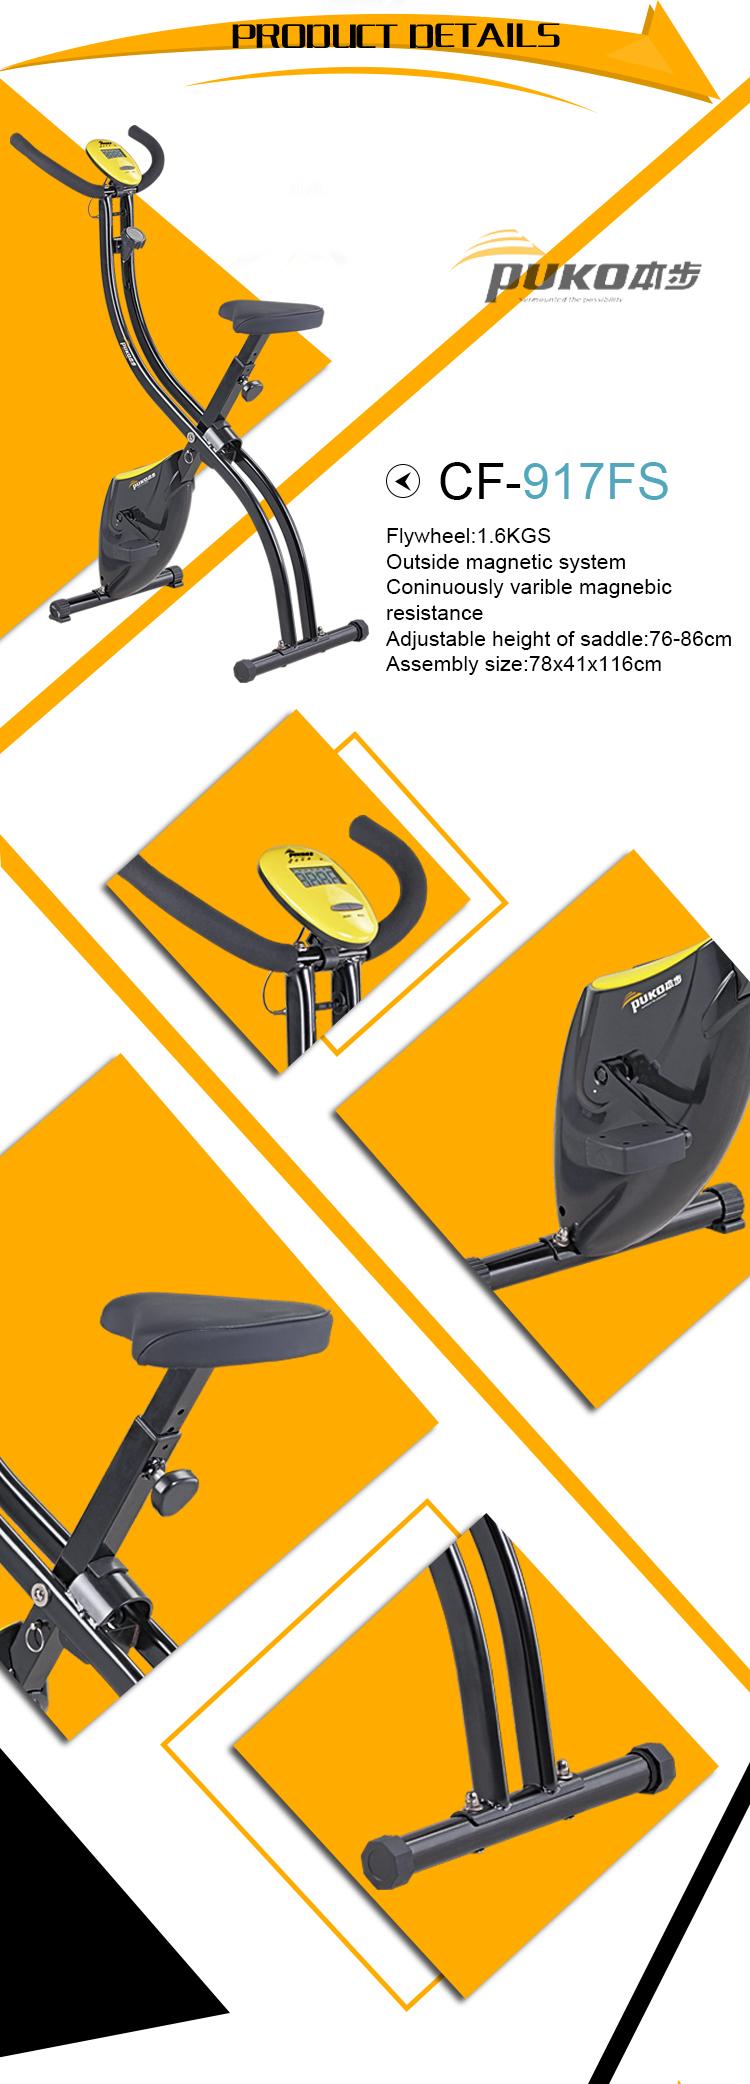 Крытый спортивный инвентарь лучший стоя стационарных магнитных Сопротивление Мини держать Fit велотренажер размеры